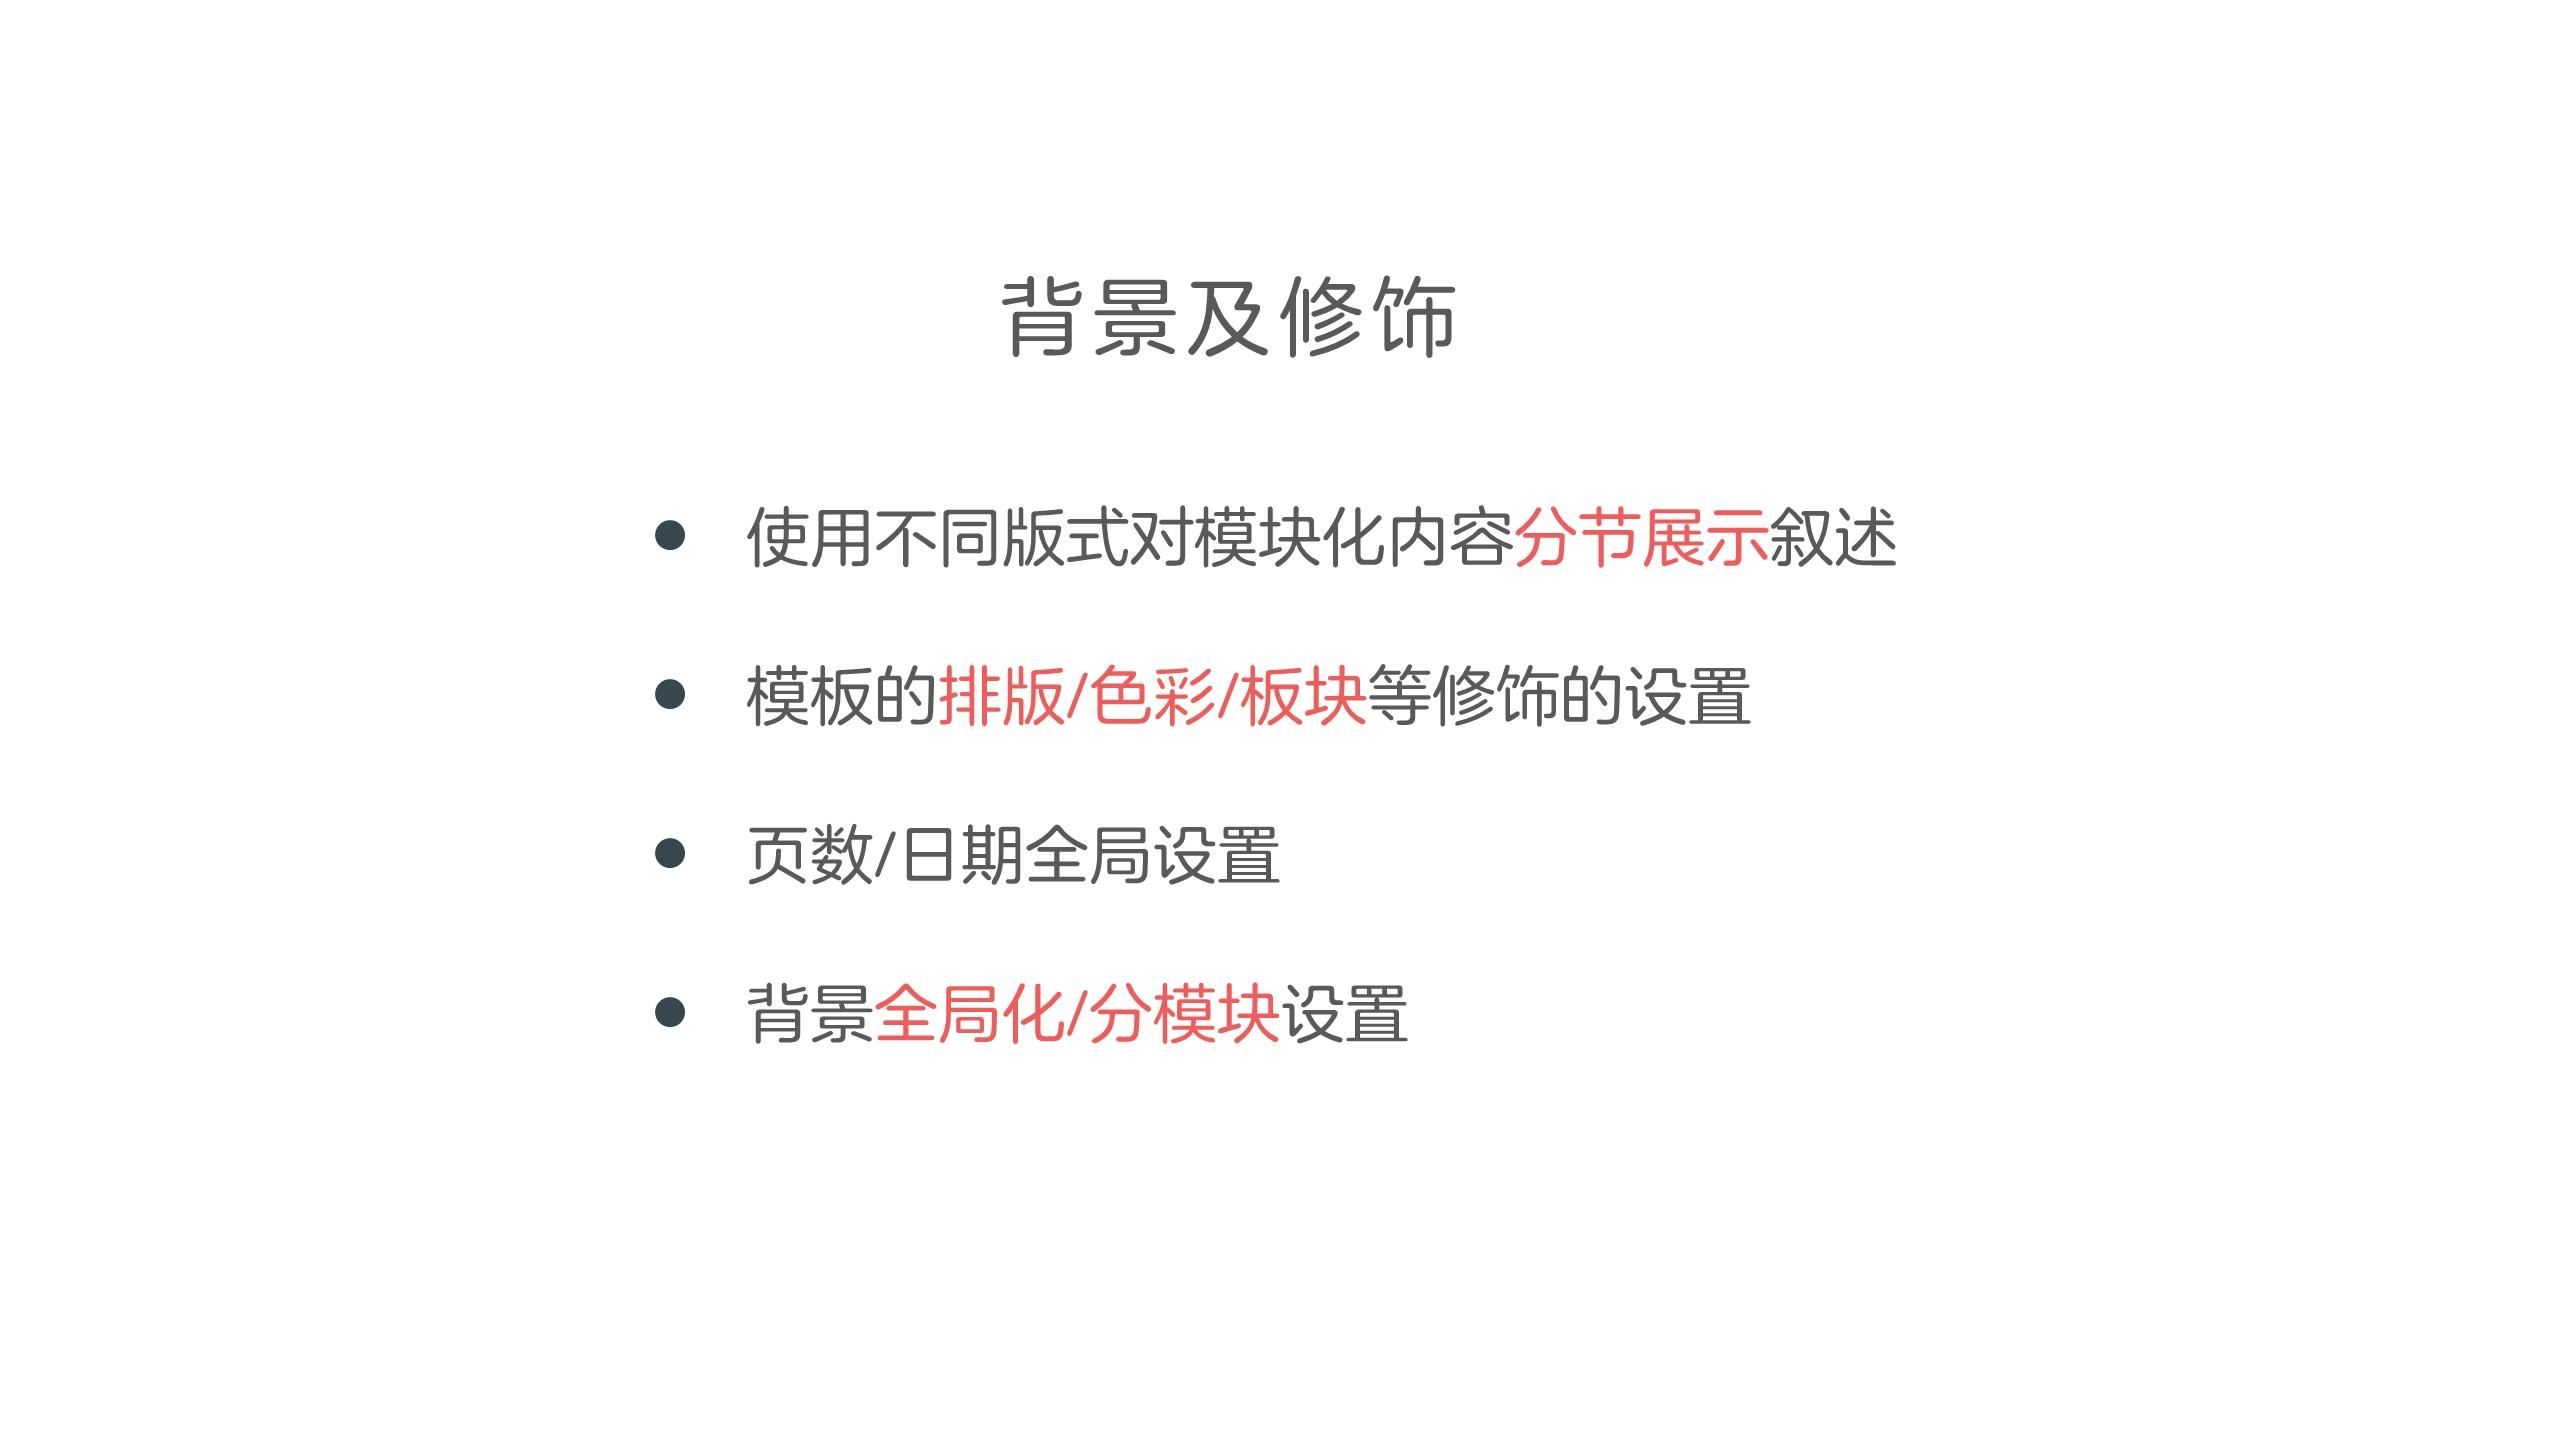 幻灯片中的点 君陵的PPT小院杂谈2